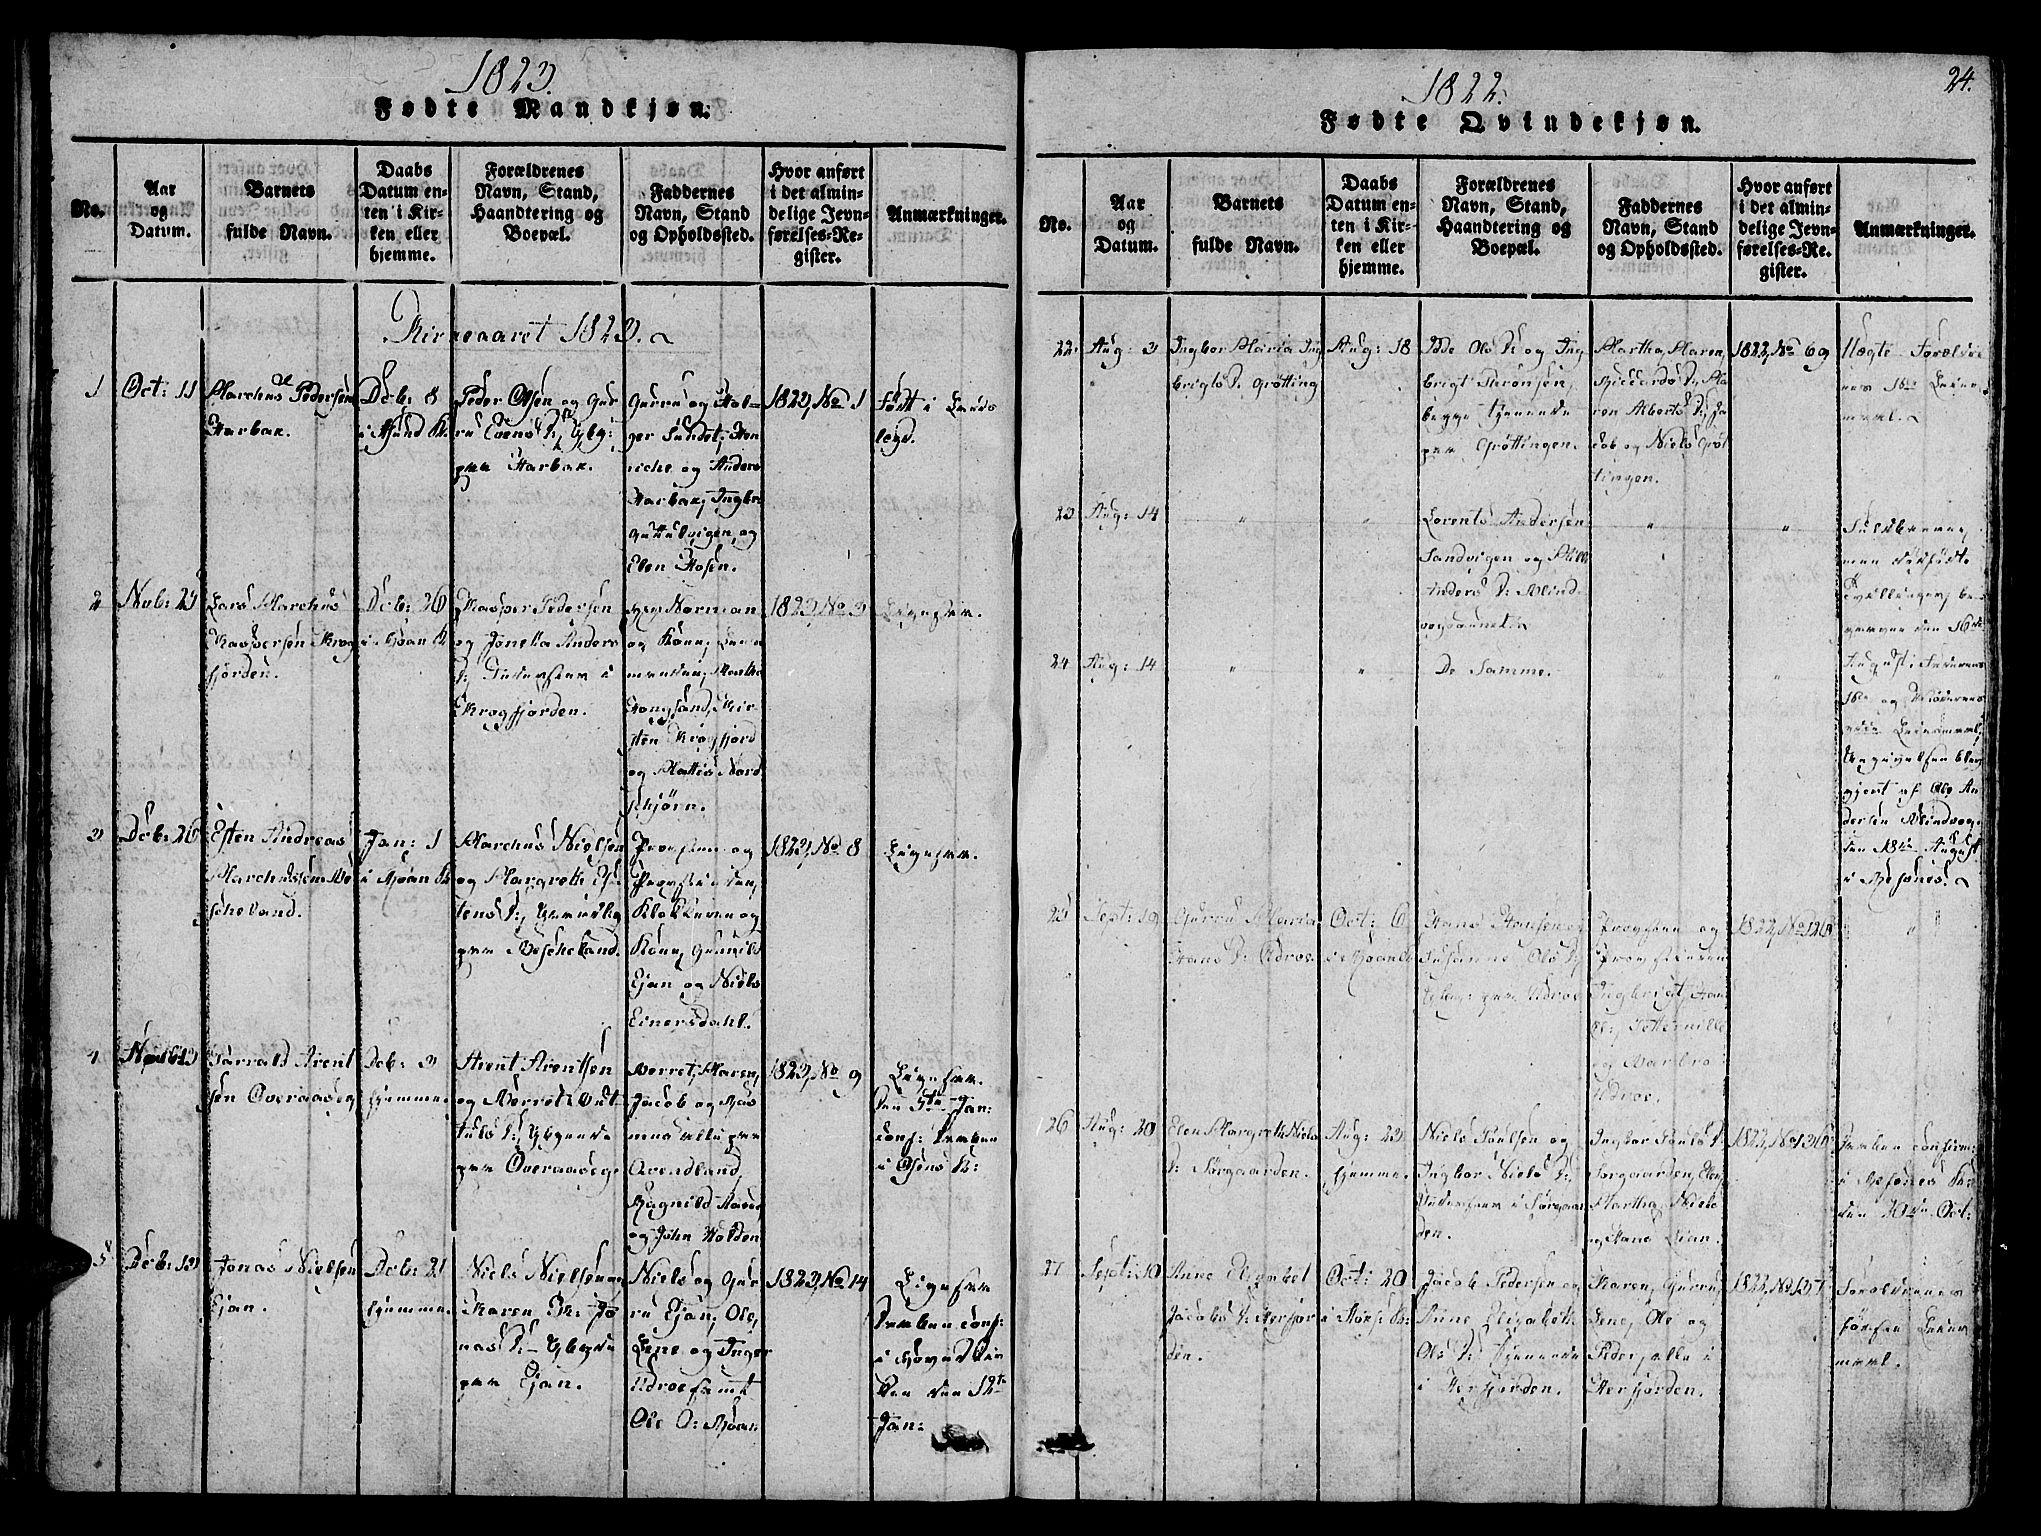 SAT, Ministerialprotokoller, klokkerbøker og fødselsregistre - Sør-Trøndelag, 657/L0702: Ministerialbok nr. 657A03, 1818-1831, s. 24